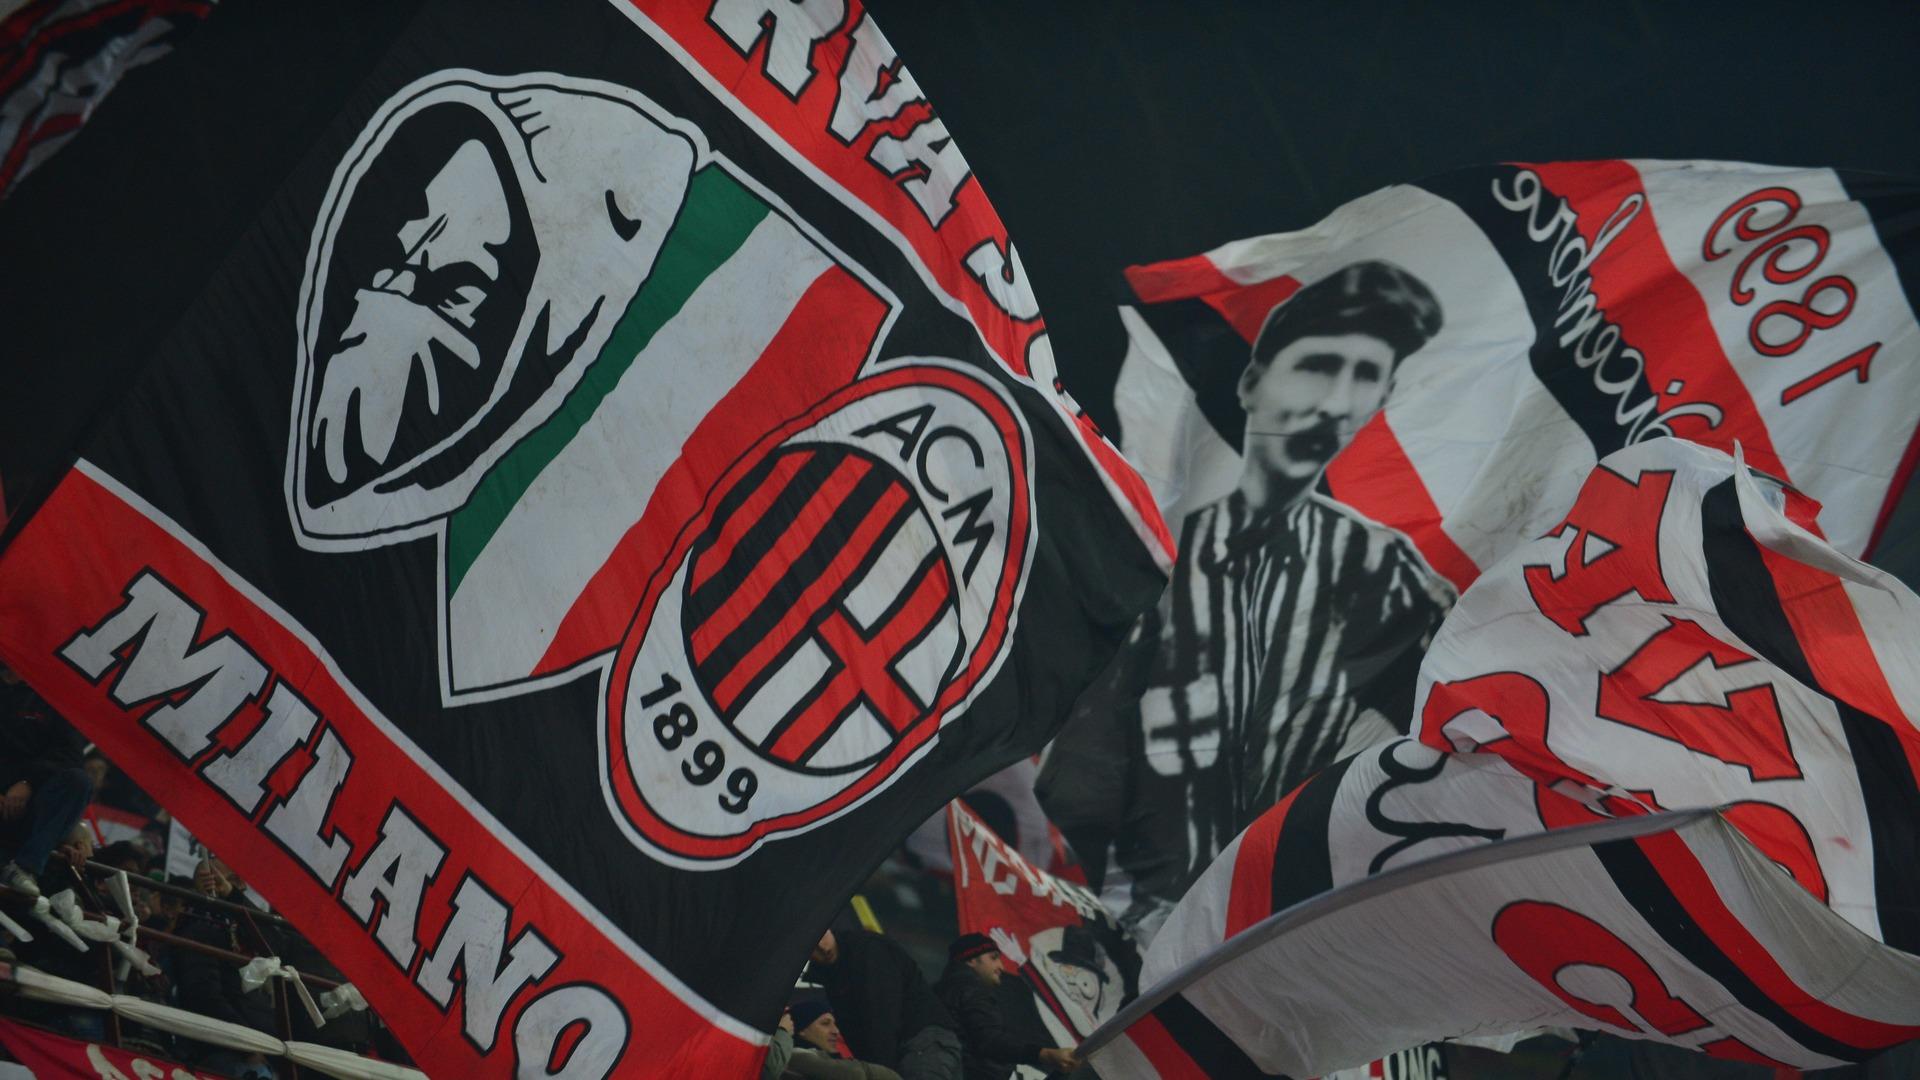 SERIE A, La Lazio vince il recupero con l'Udinese: 2-0